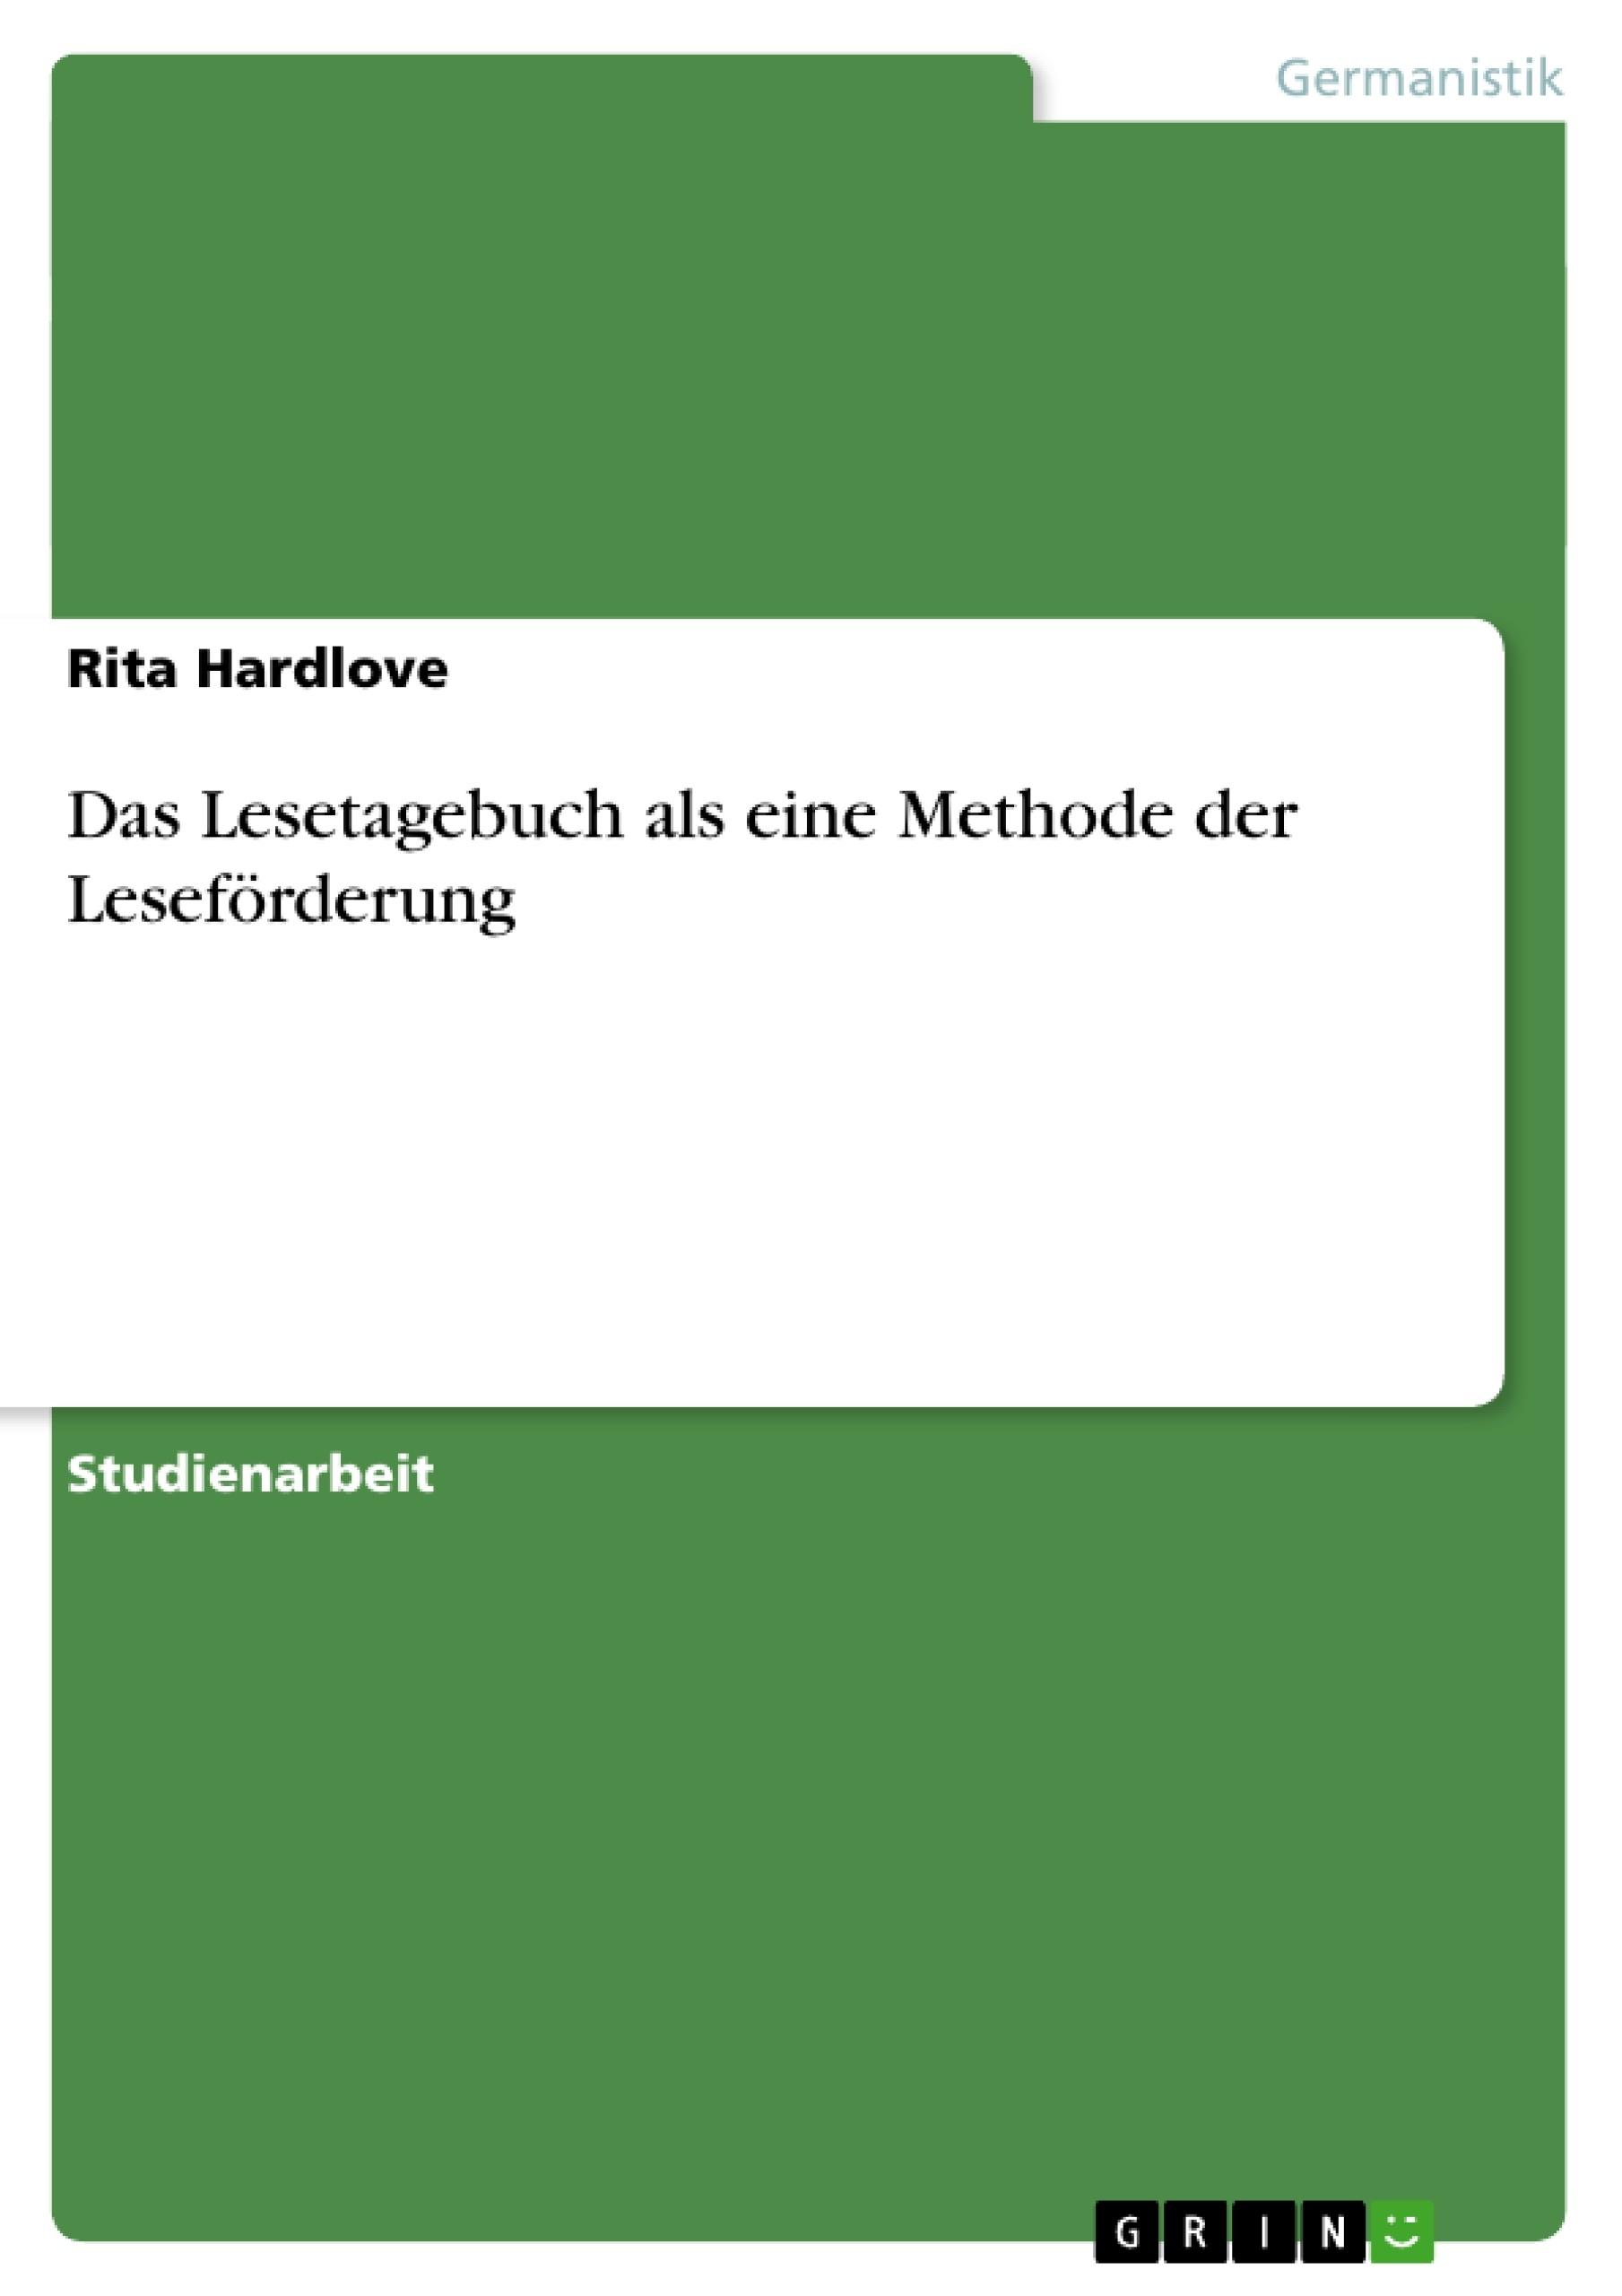 Titel: Das Lesetagebuch als eine Methode der Leseförderung